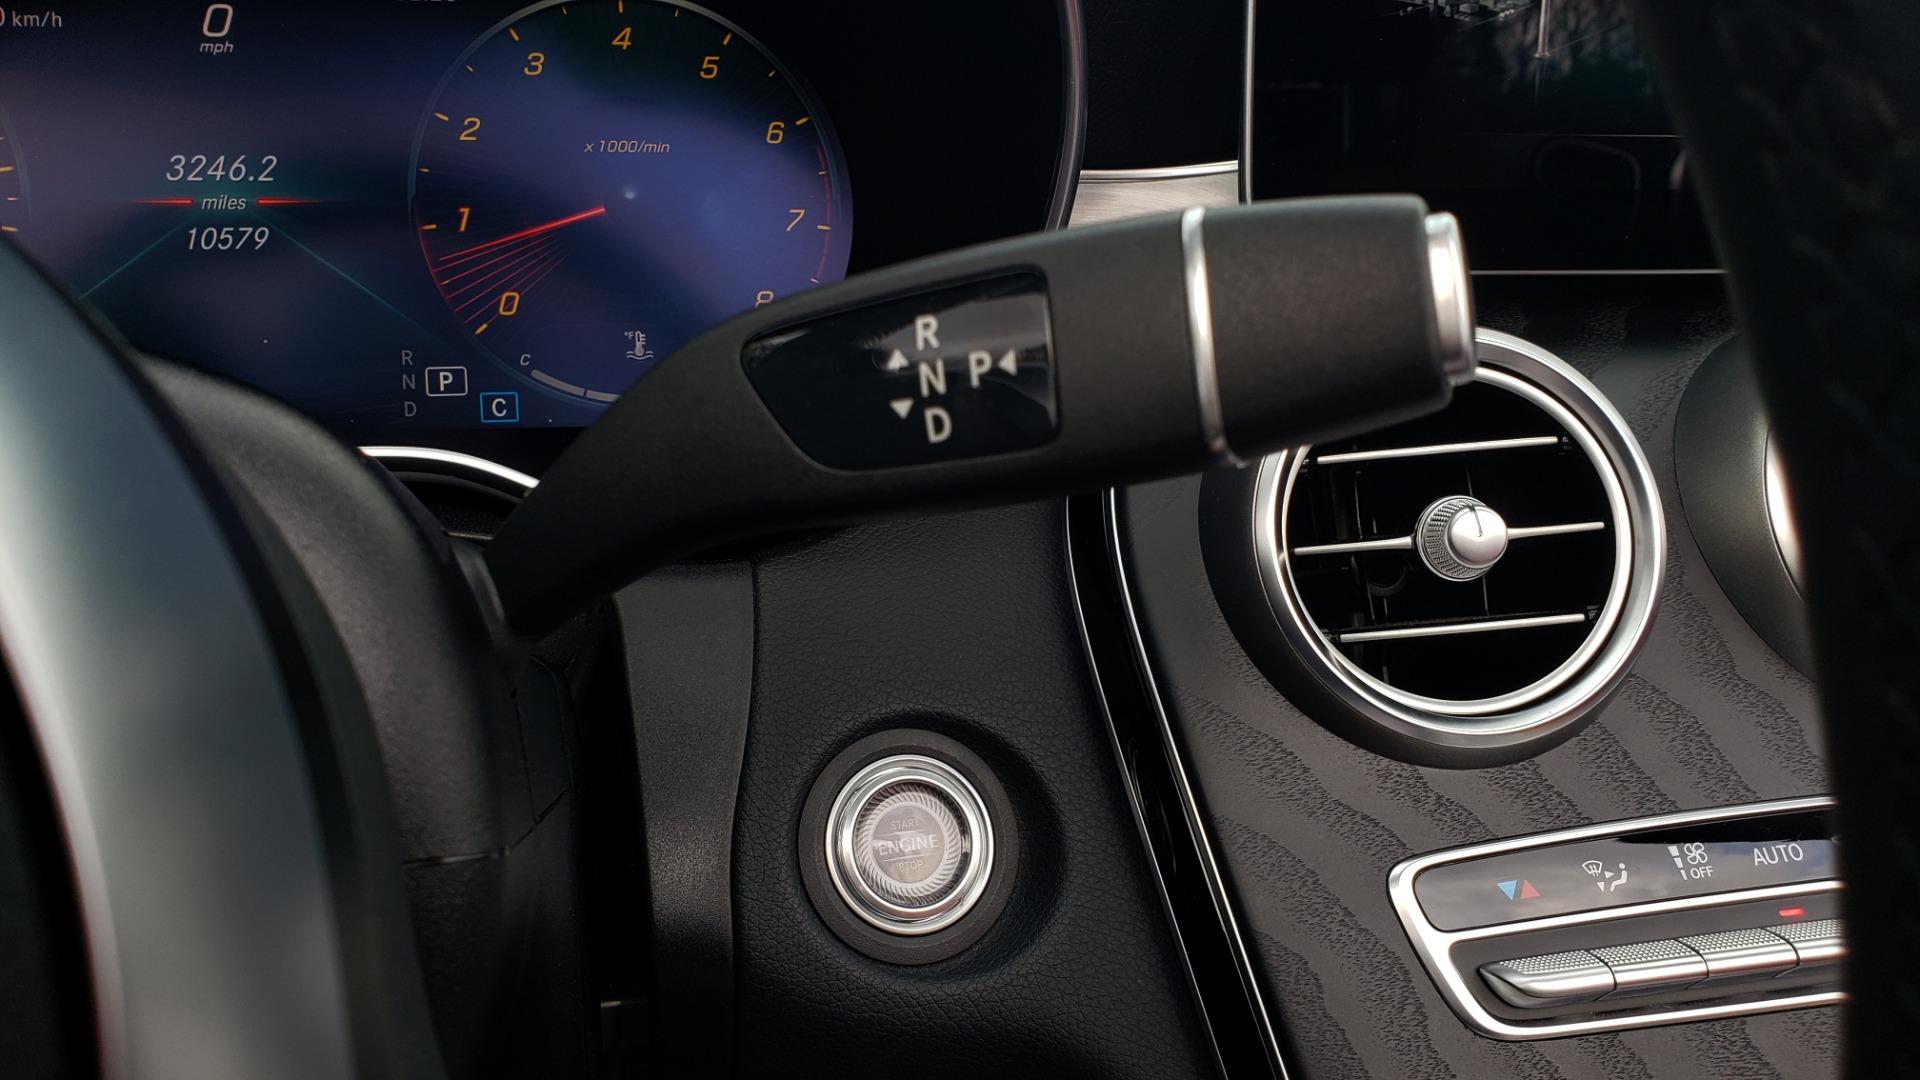 Used 2019 Mercedes-Benz C-CLASS C 300 CABRIOLET / PREM PKG / NAV / BURMESTER / MULTIMEDIA for sale $49,995 at Formula Imports in Charlotte NC 28227 43